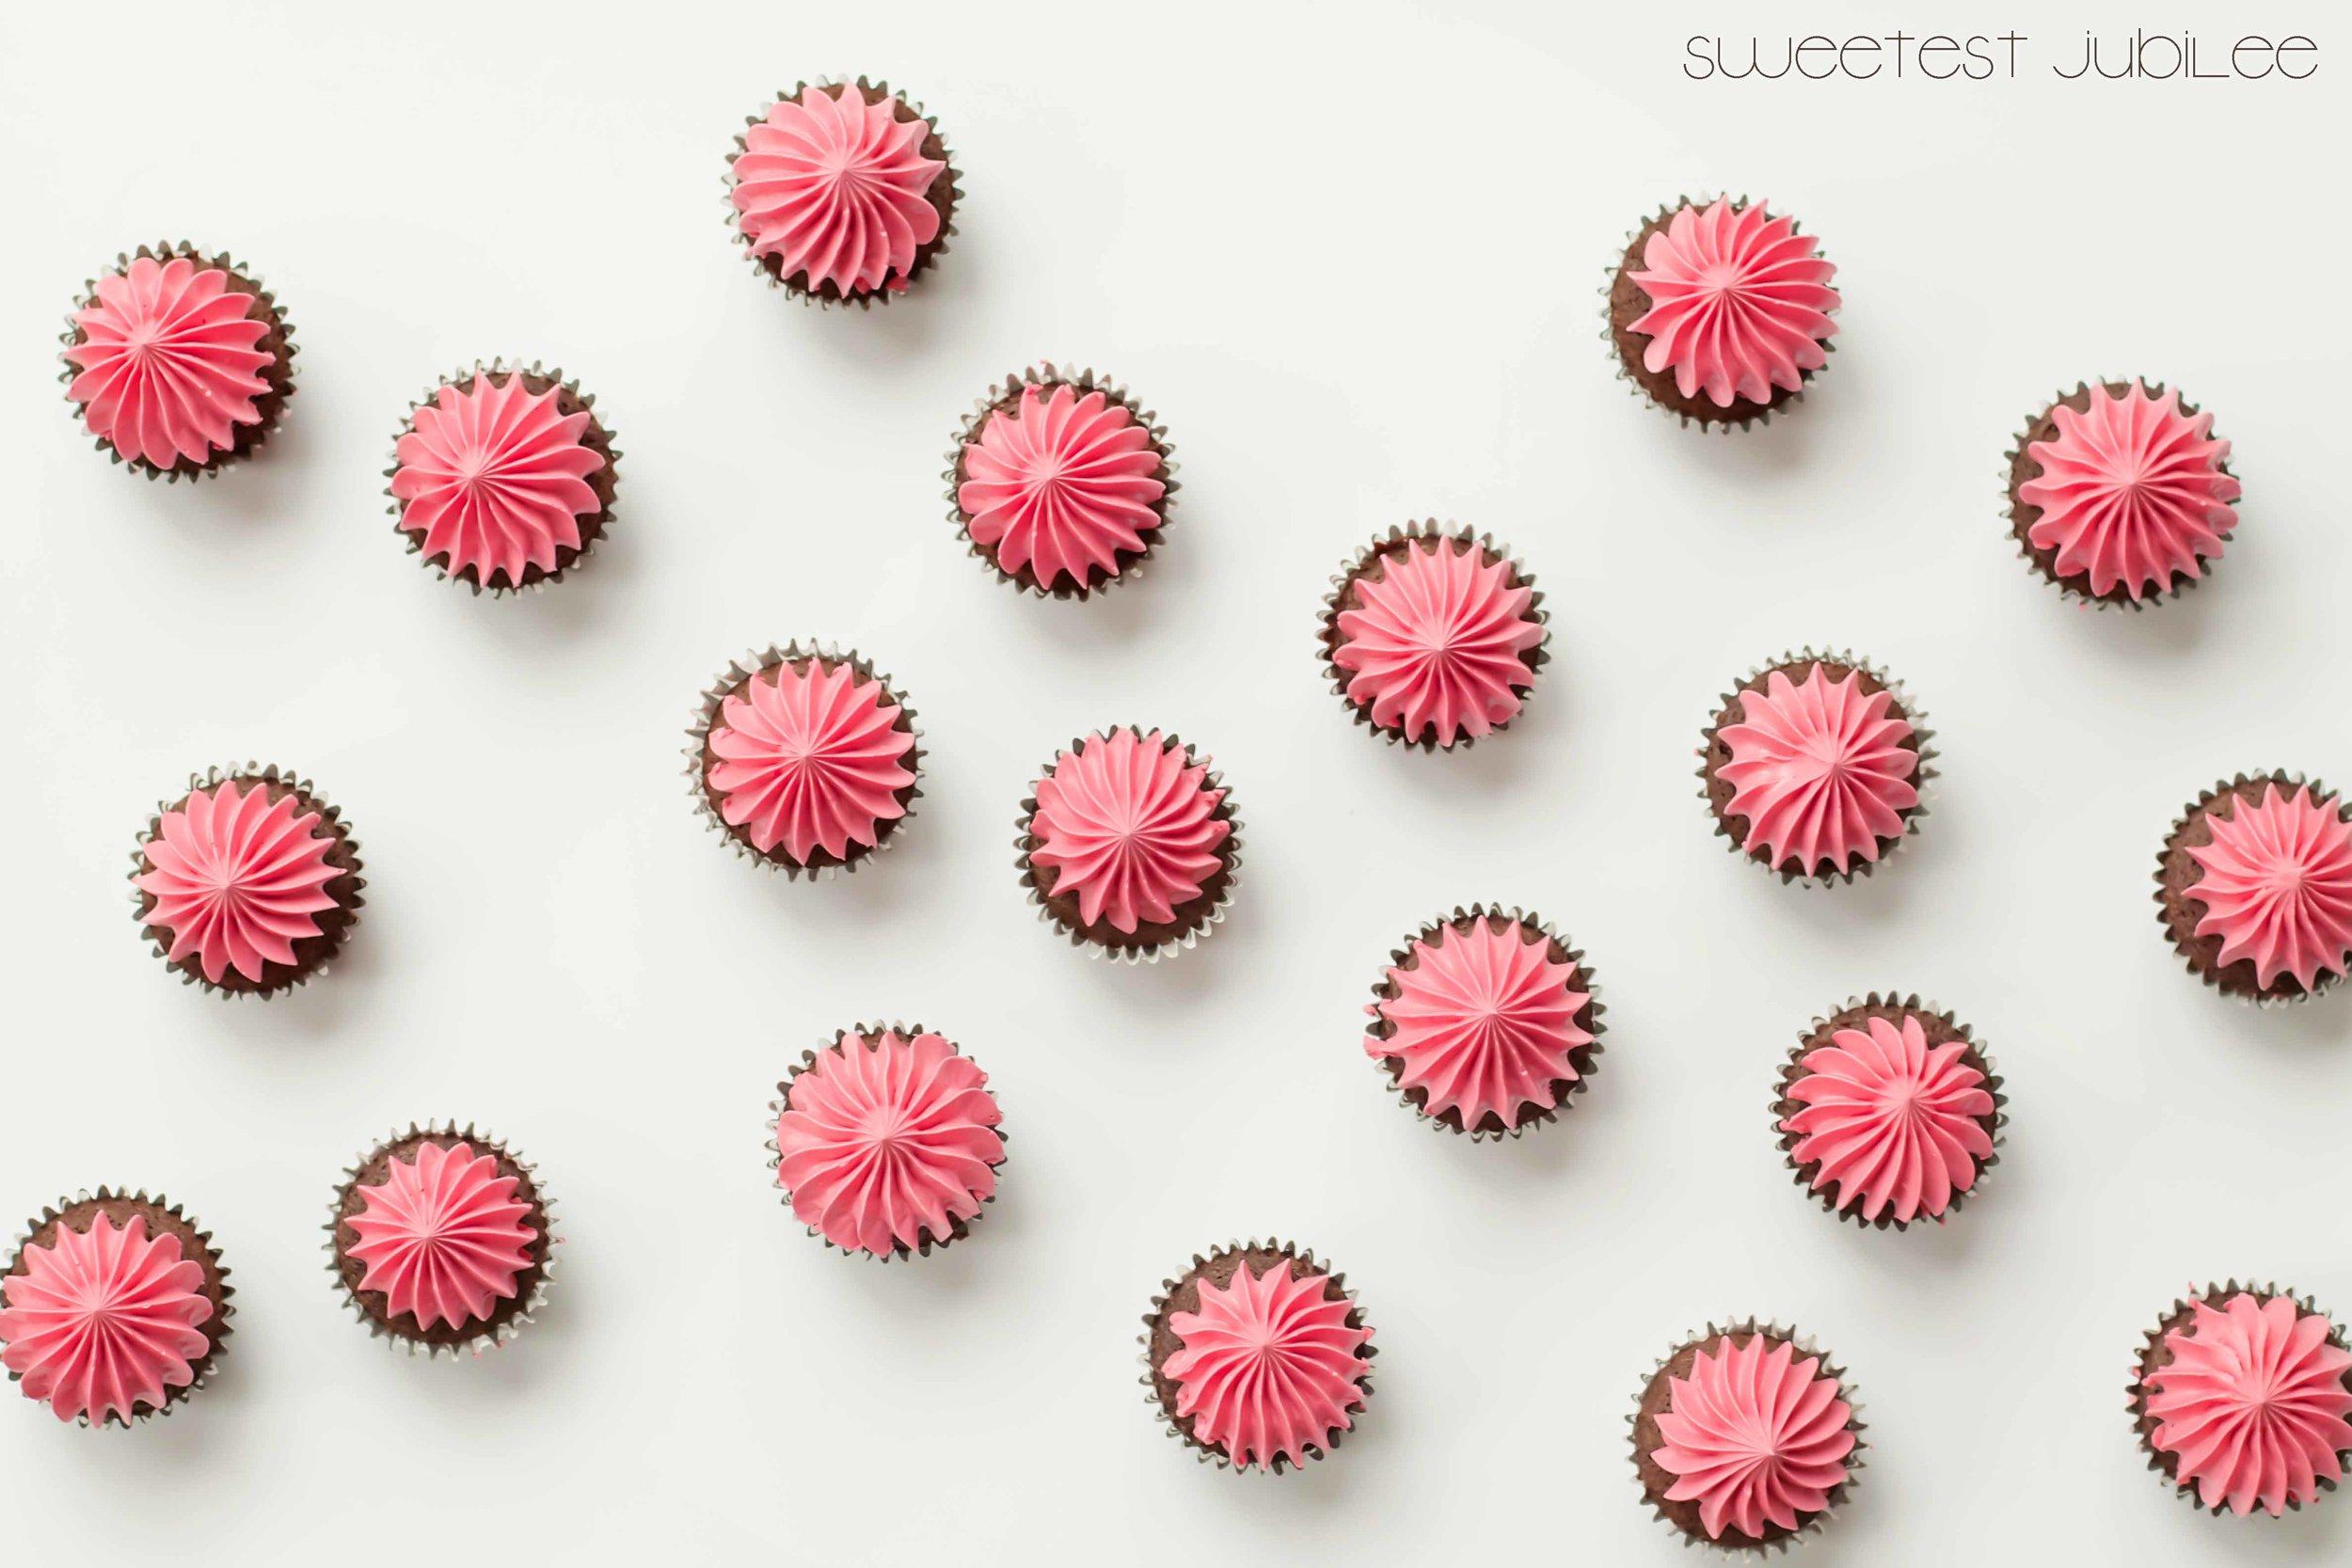 Sylvia - cupcakes.jpg